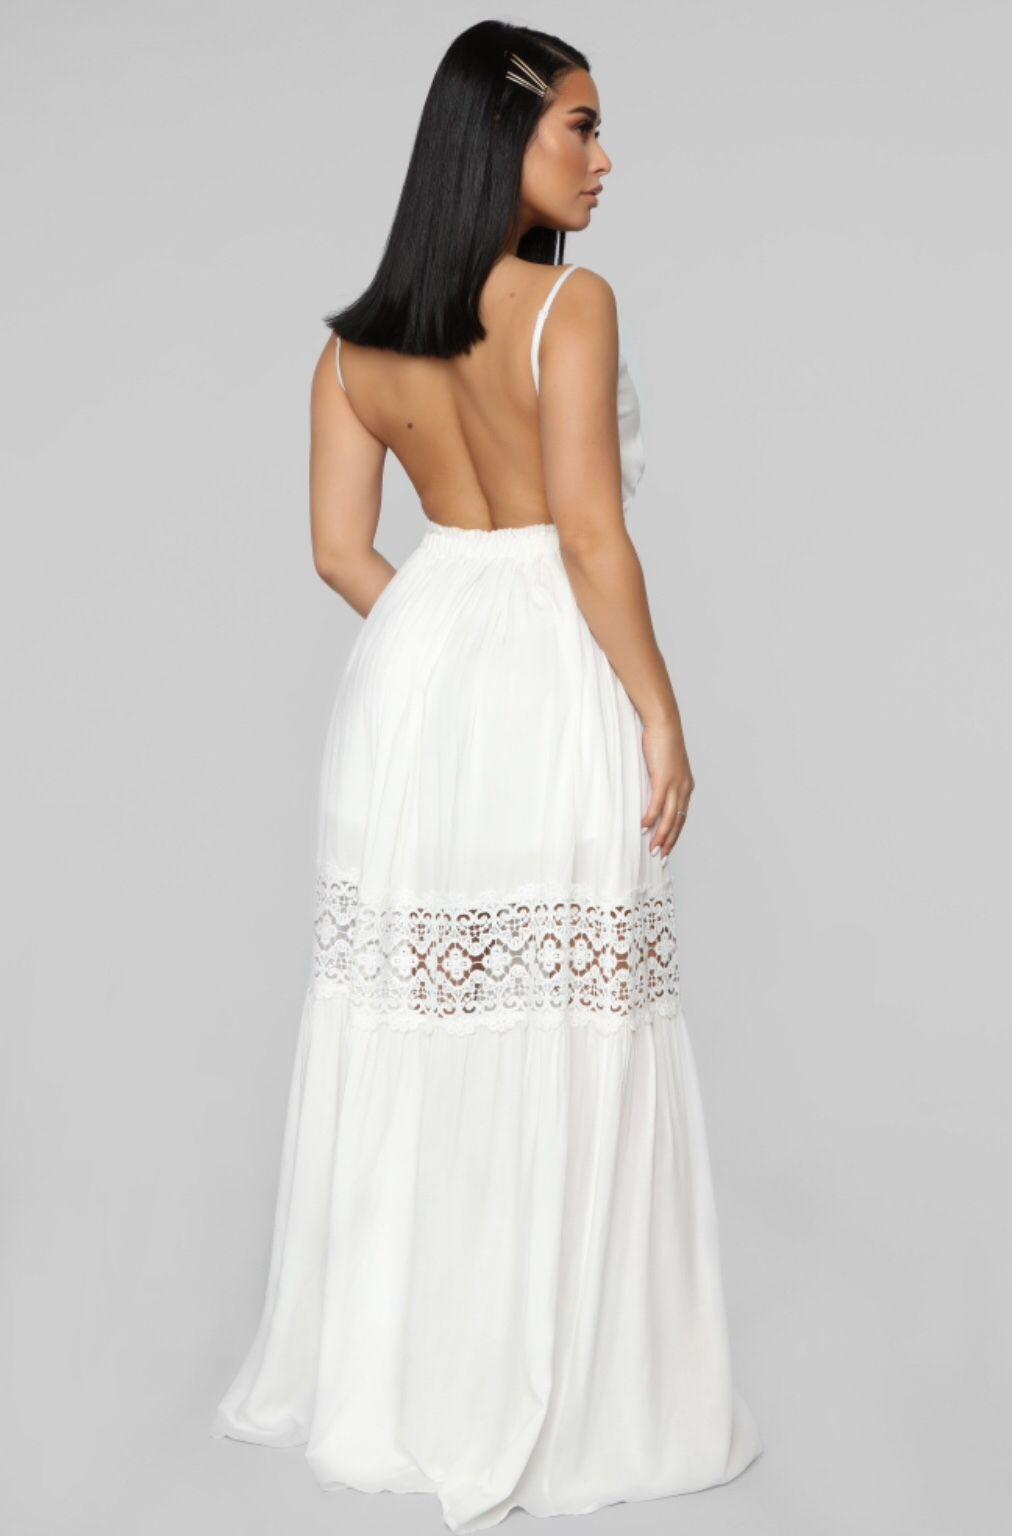 5e5546610 I Got Your Back Maxi Dress - White in 2019 | Gorgeous | White maxi ...